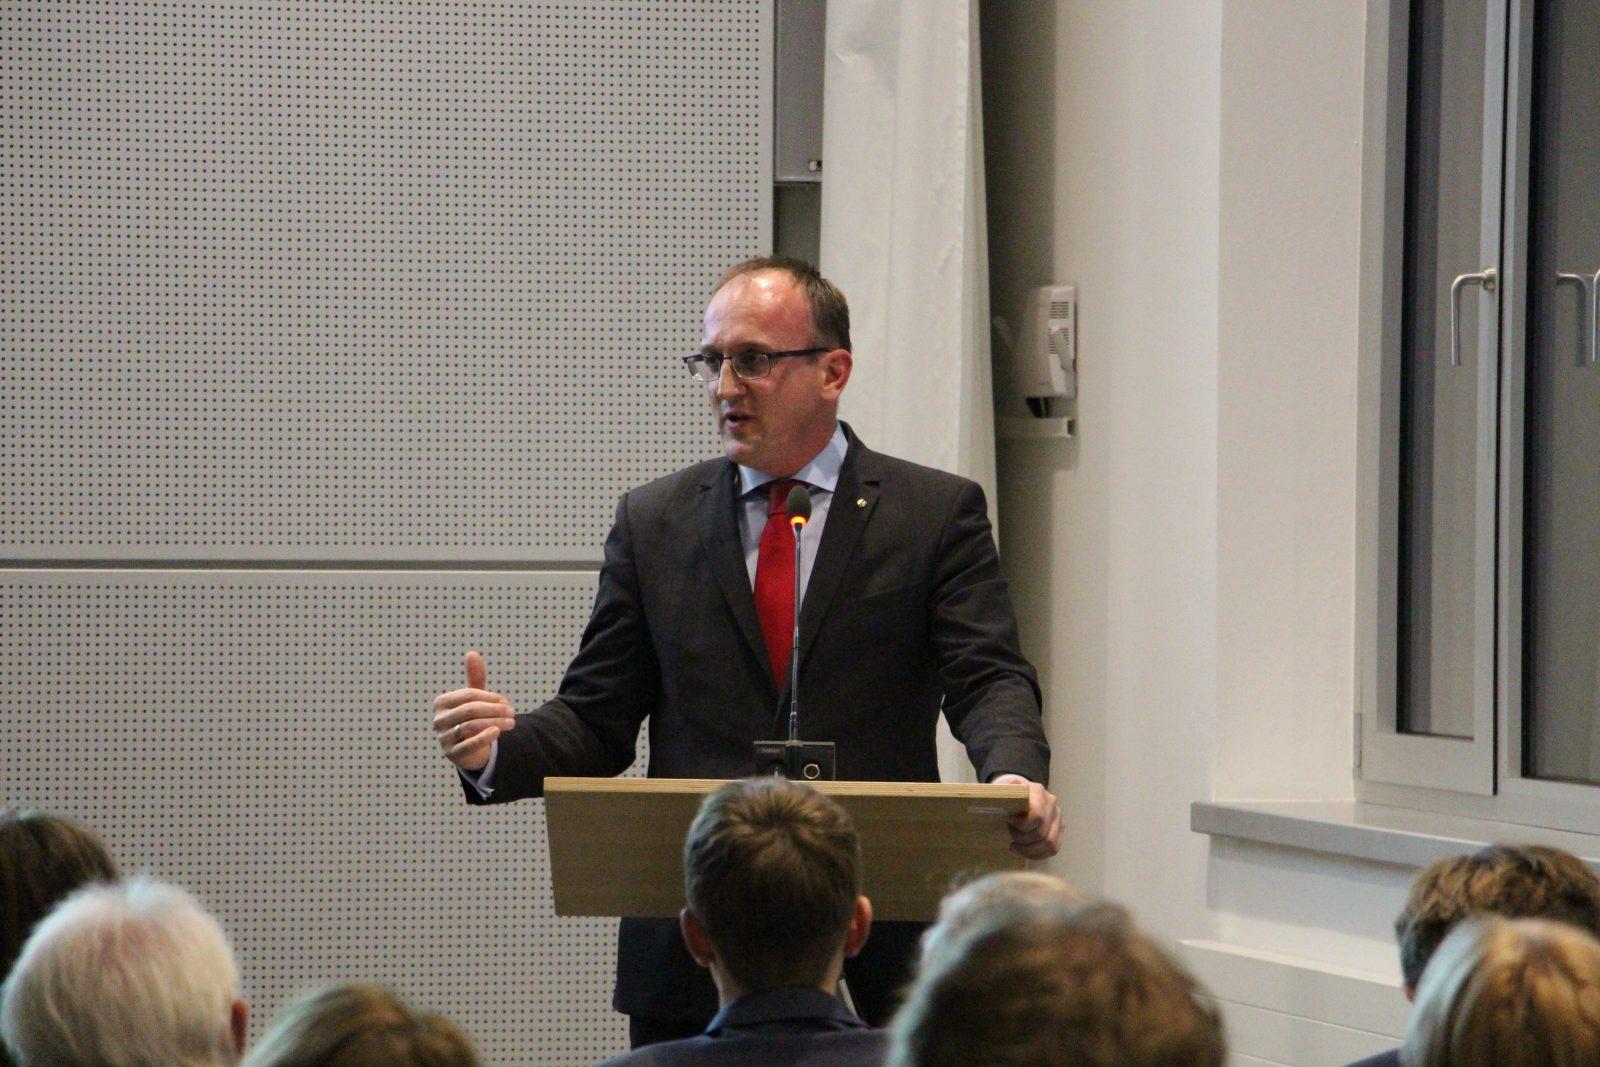 Jörg Vieweg, energiepolitischer Sprecher der SPD-Landtagsfraktion